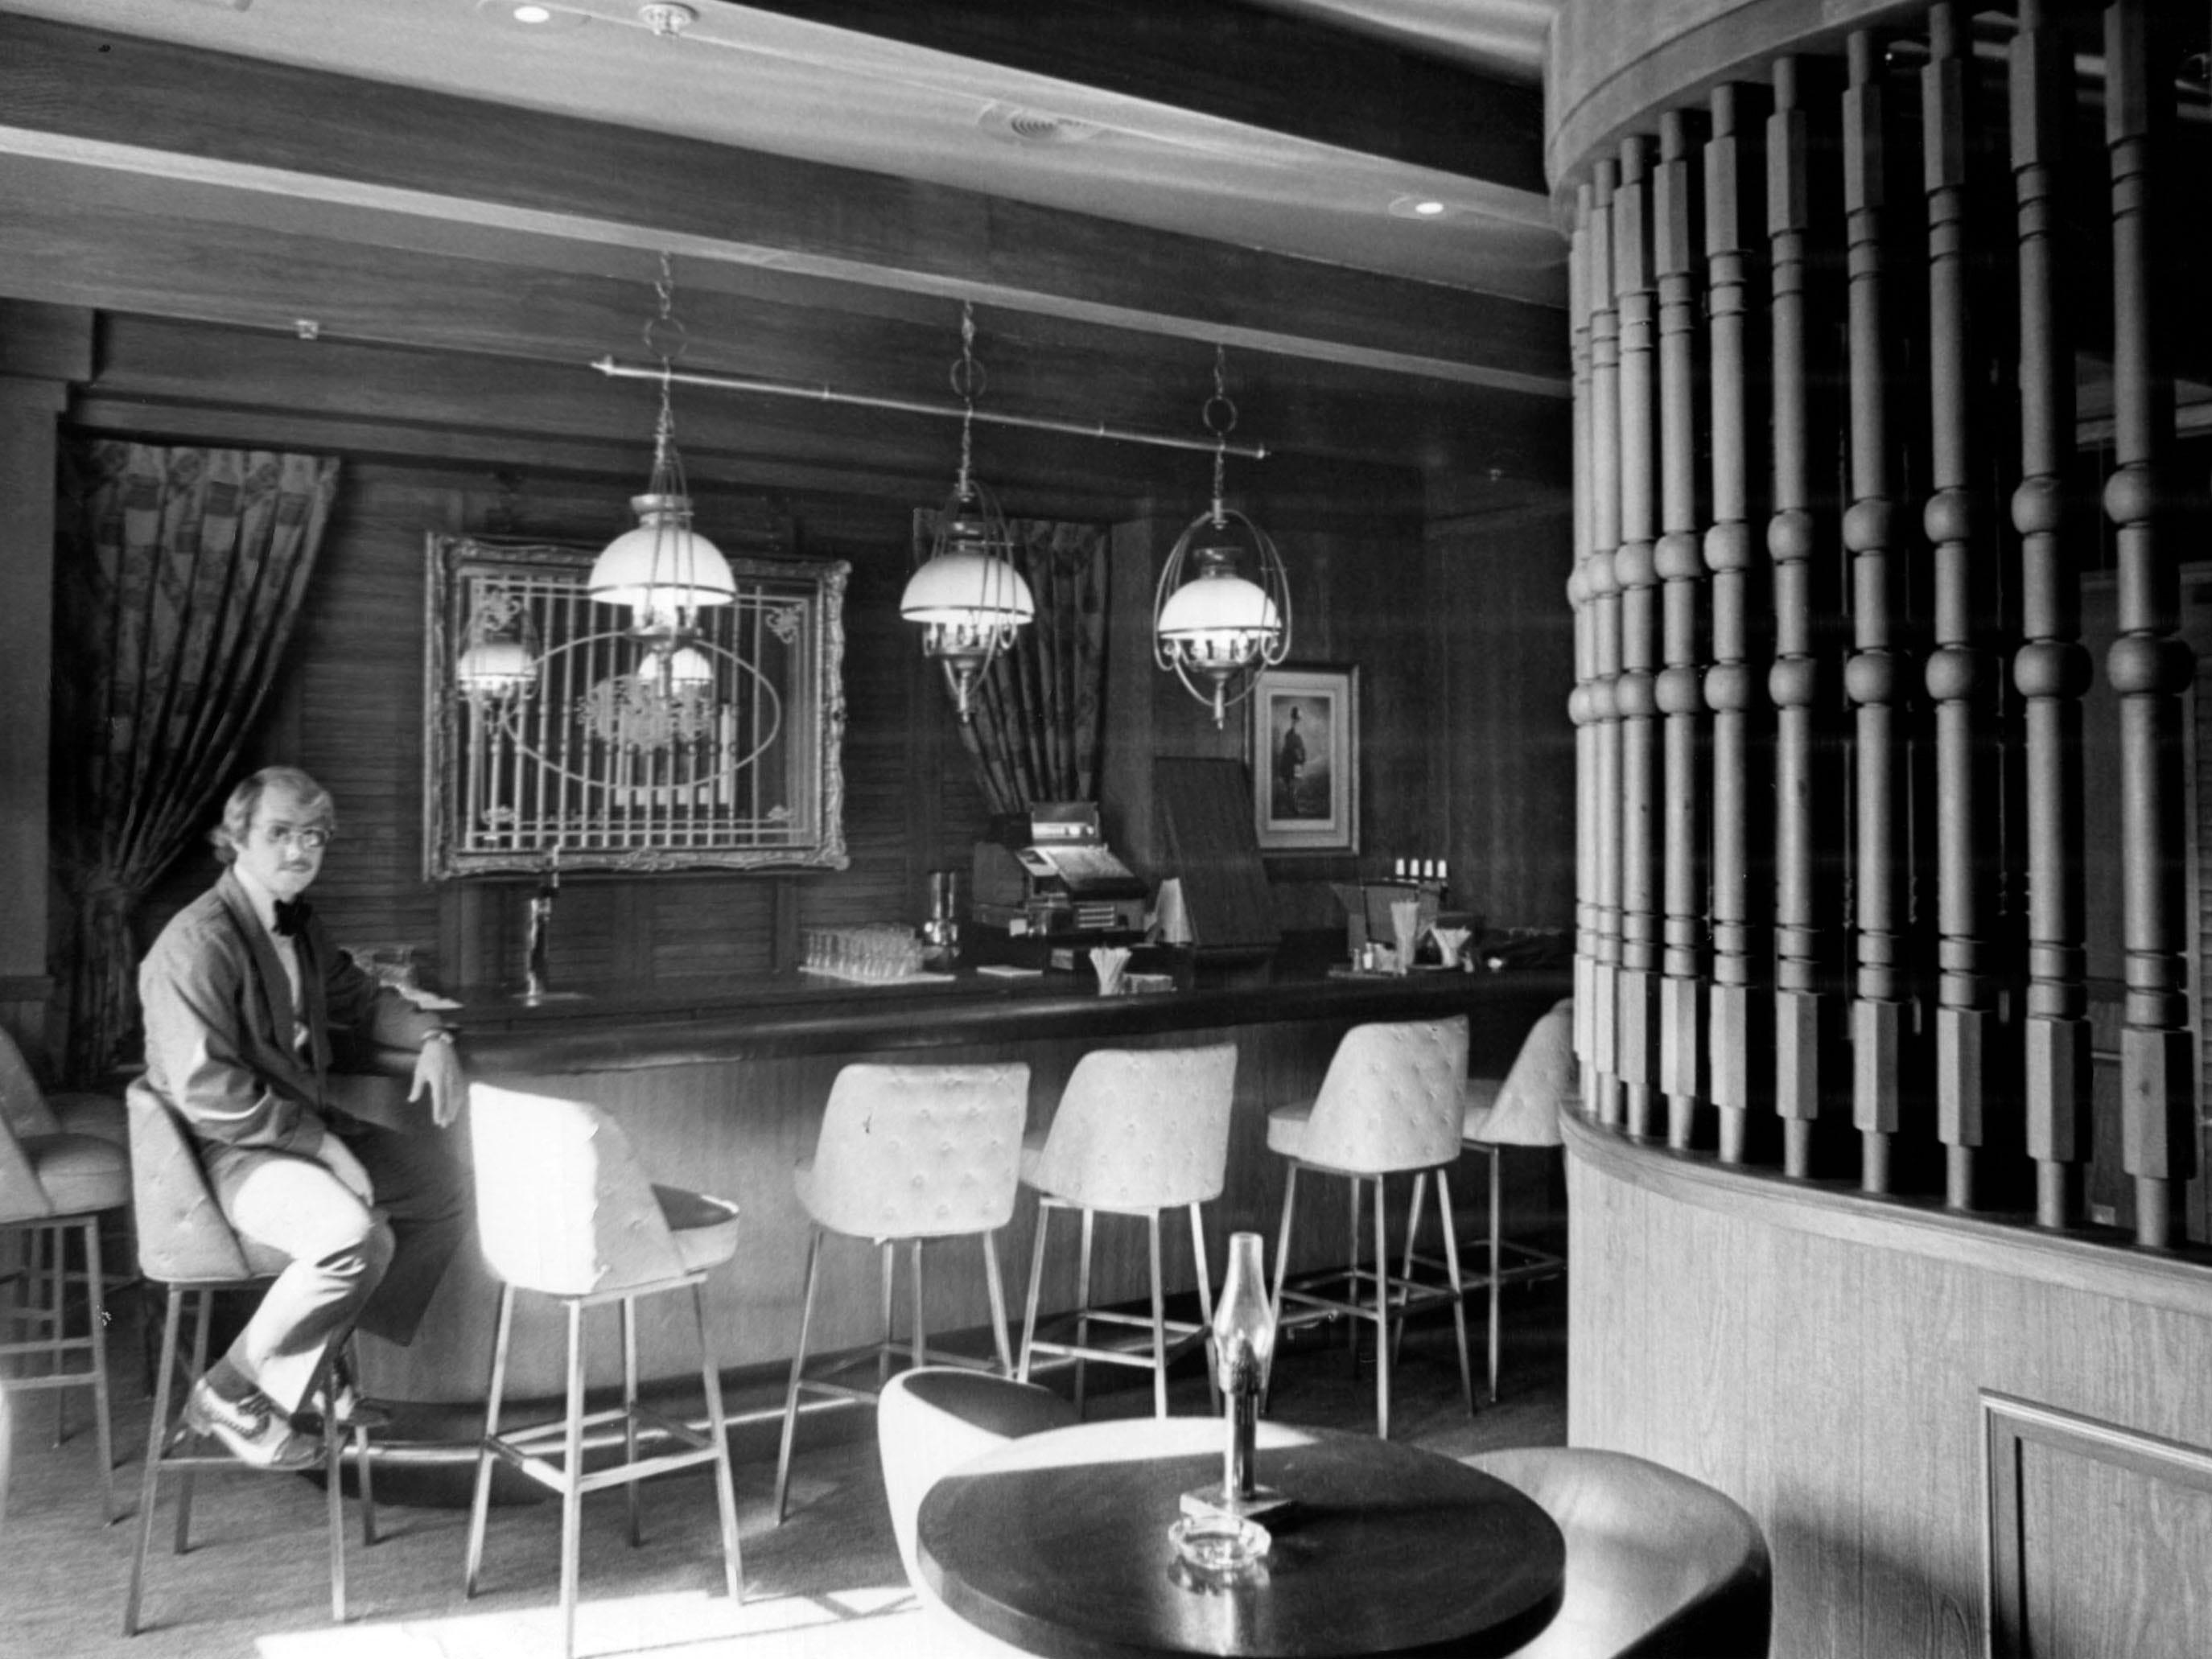 Regas Restaurant in 1973.